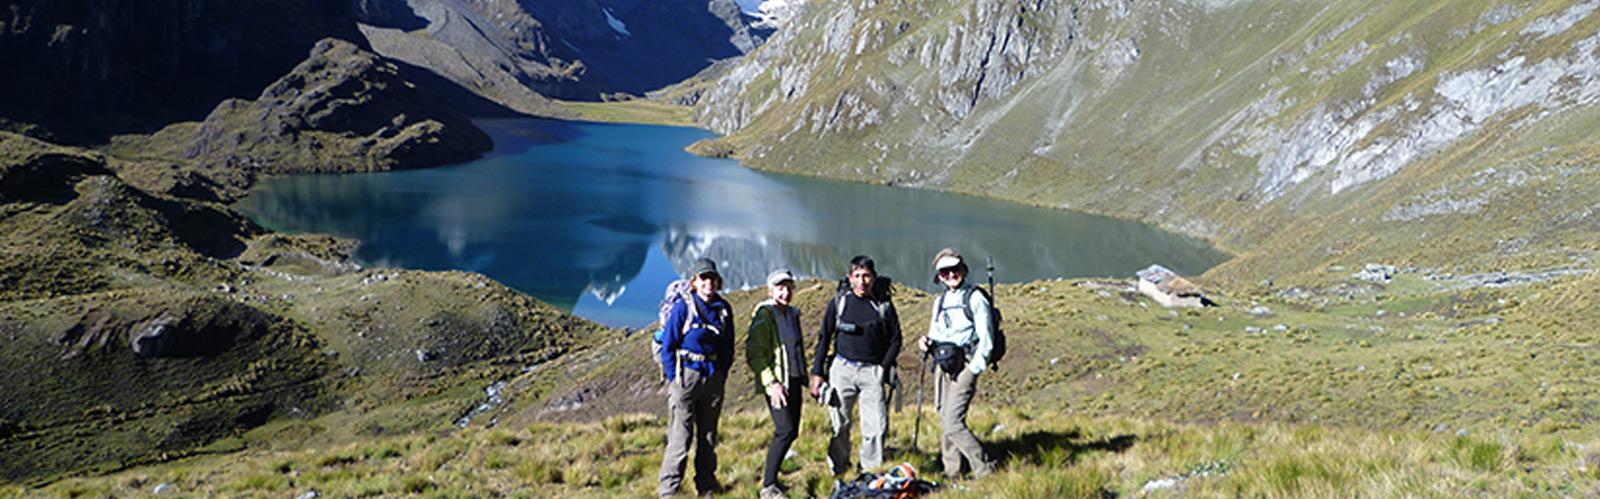 Cordillera Raura Trekking Hiking Tours